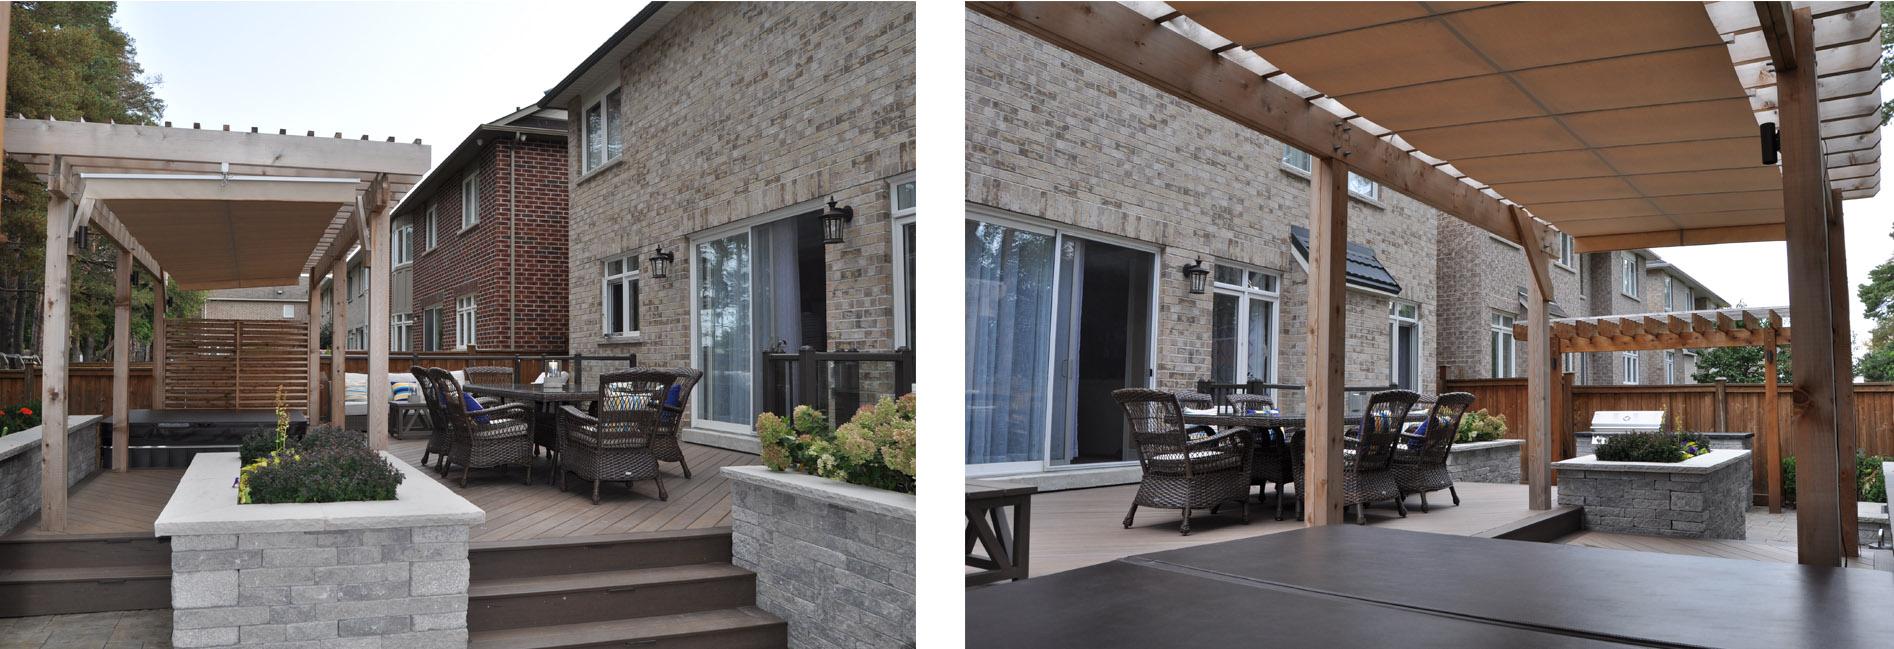 Outdoor living spaces under pergolas.